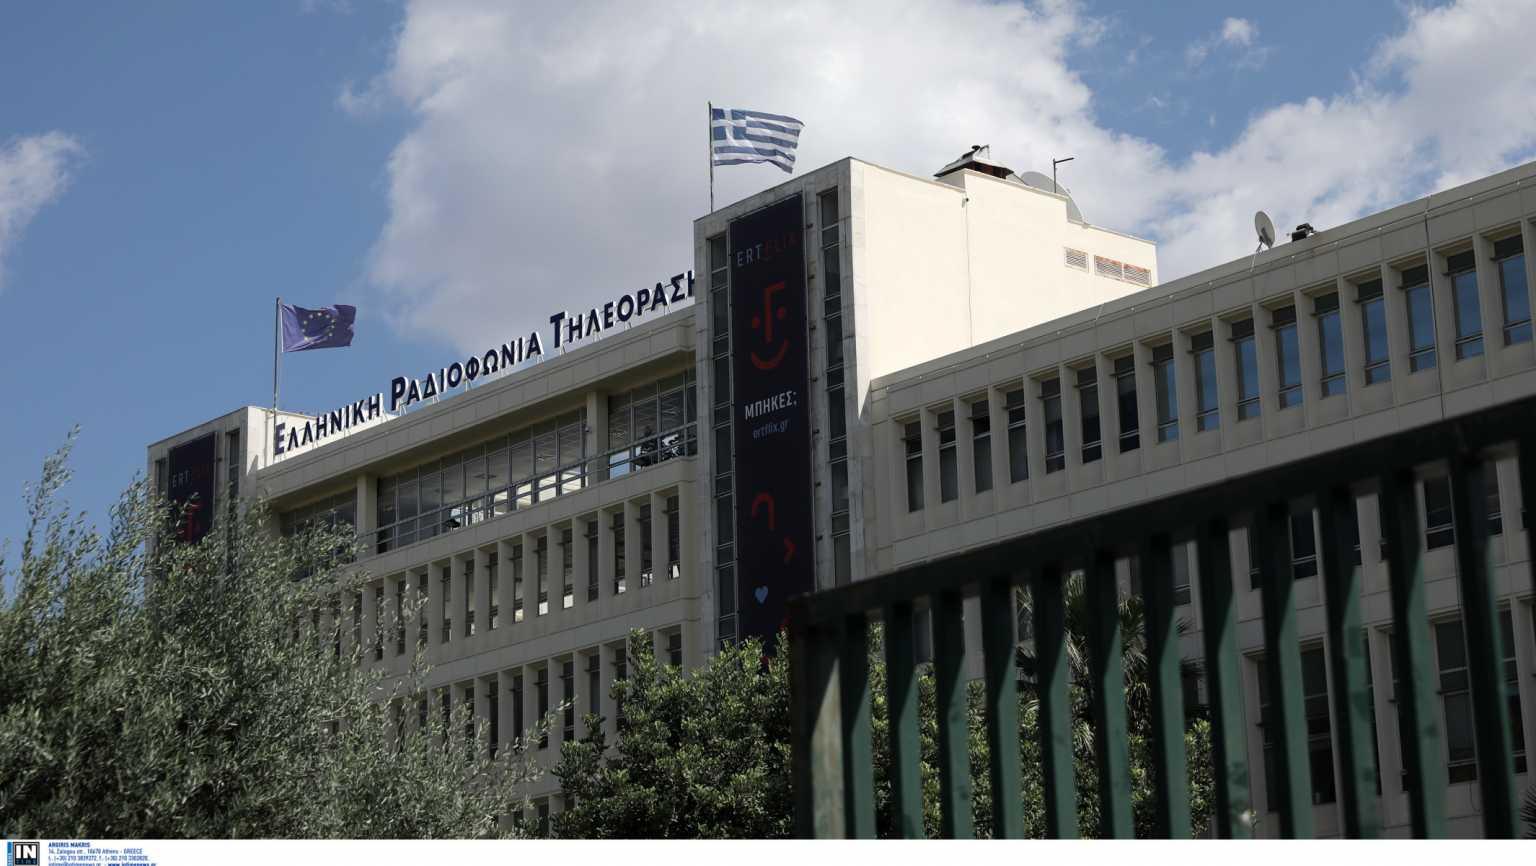 Κορονοϊός – ΕΡΤ: Θρήνος στο ραδιομέγαρο – Πέθανε ο Μανώλης Βασιλάκης